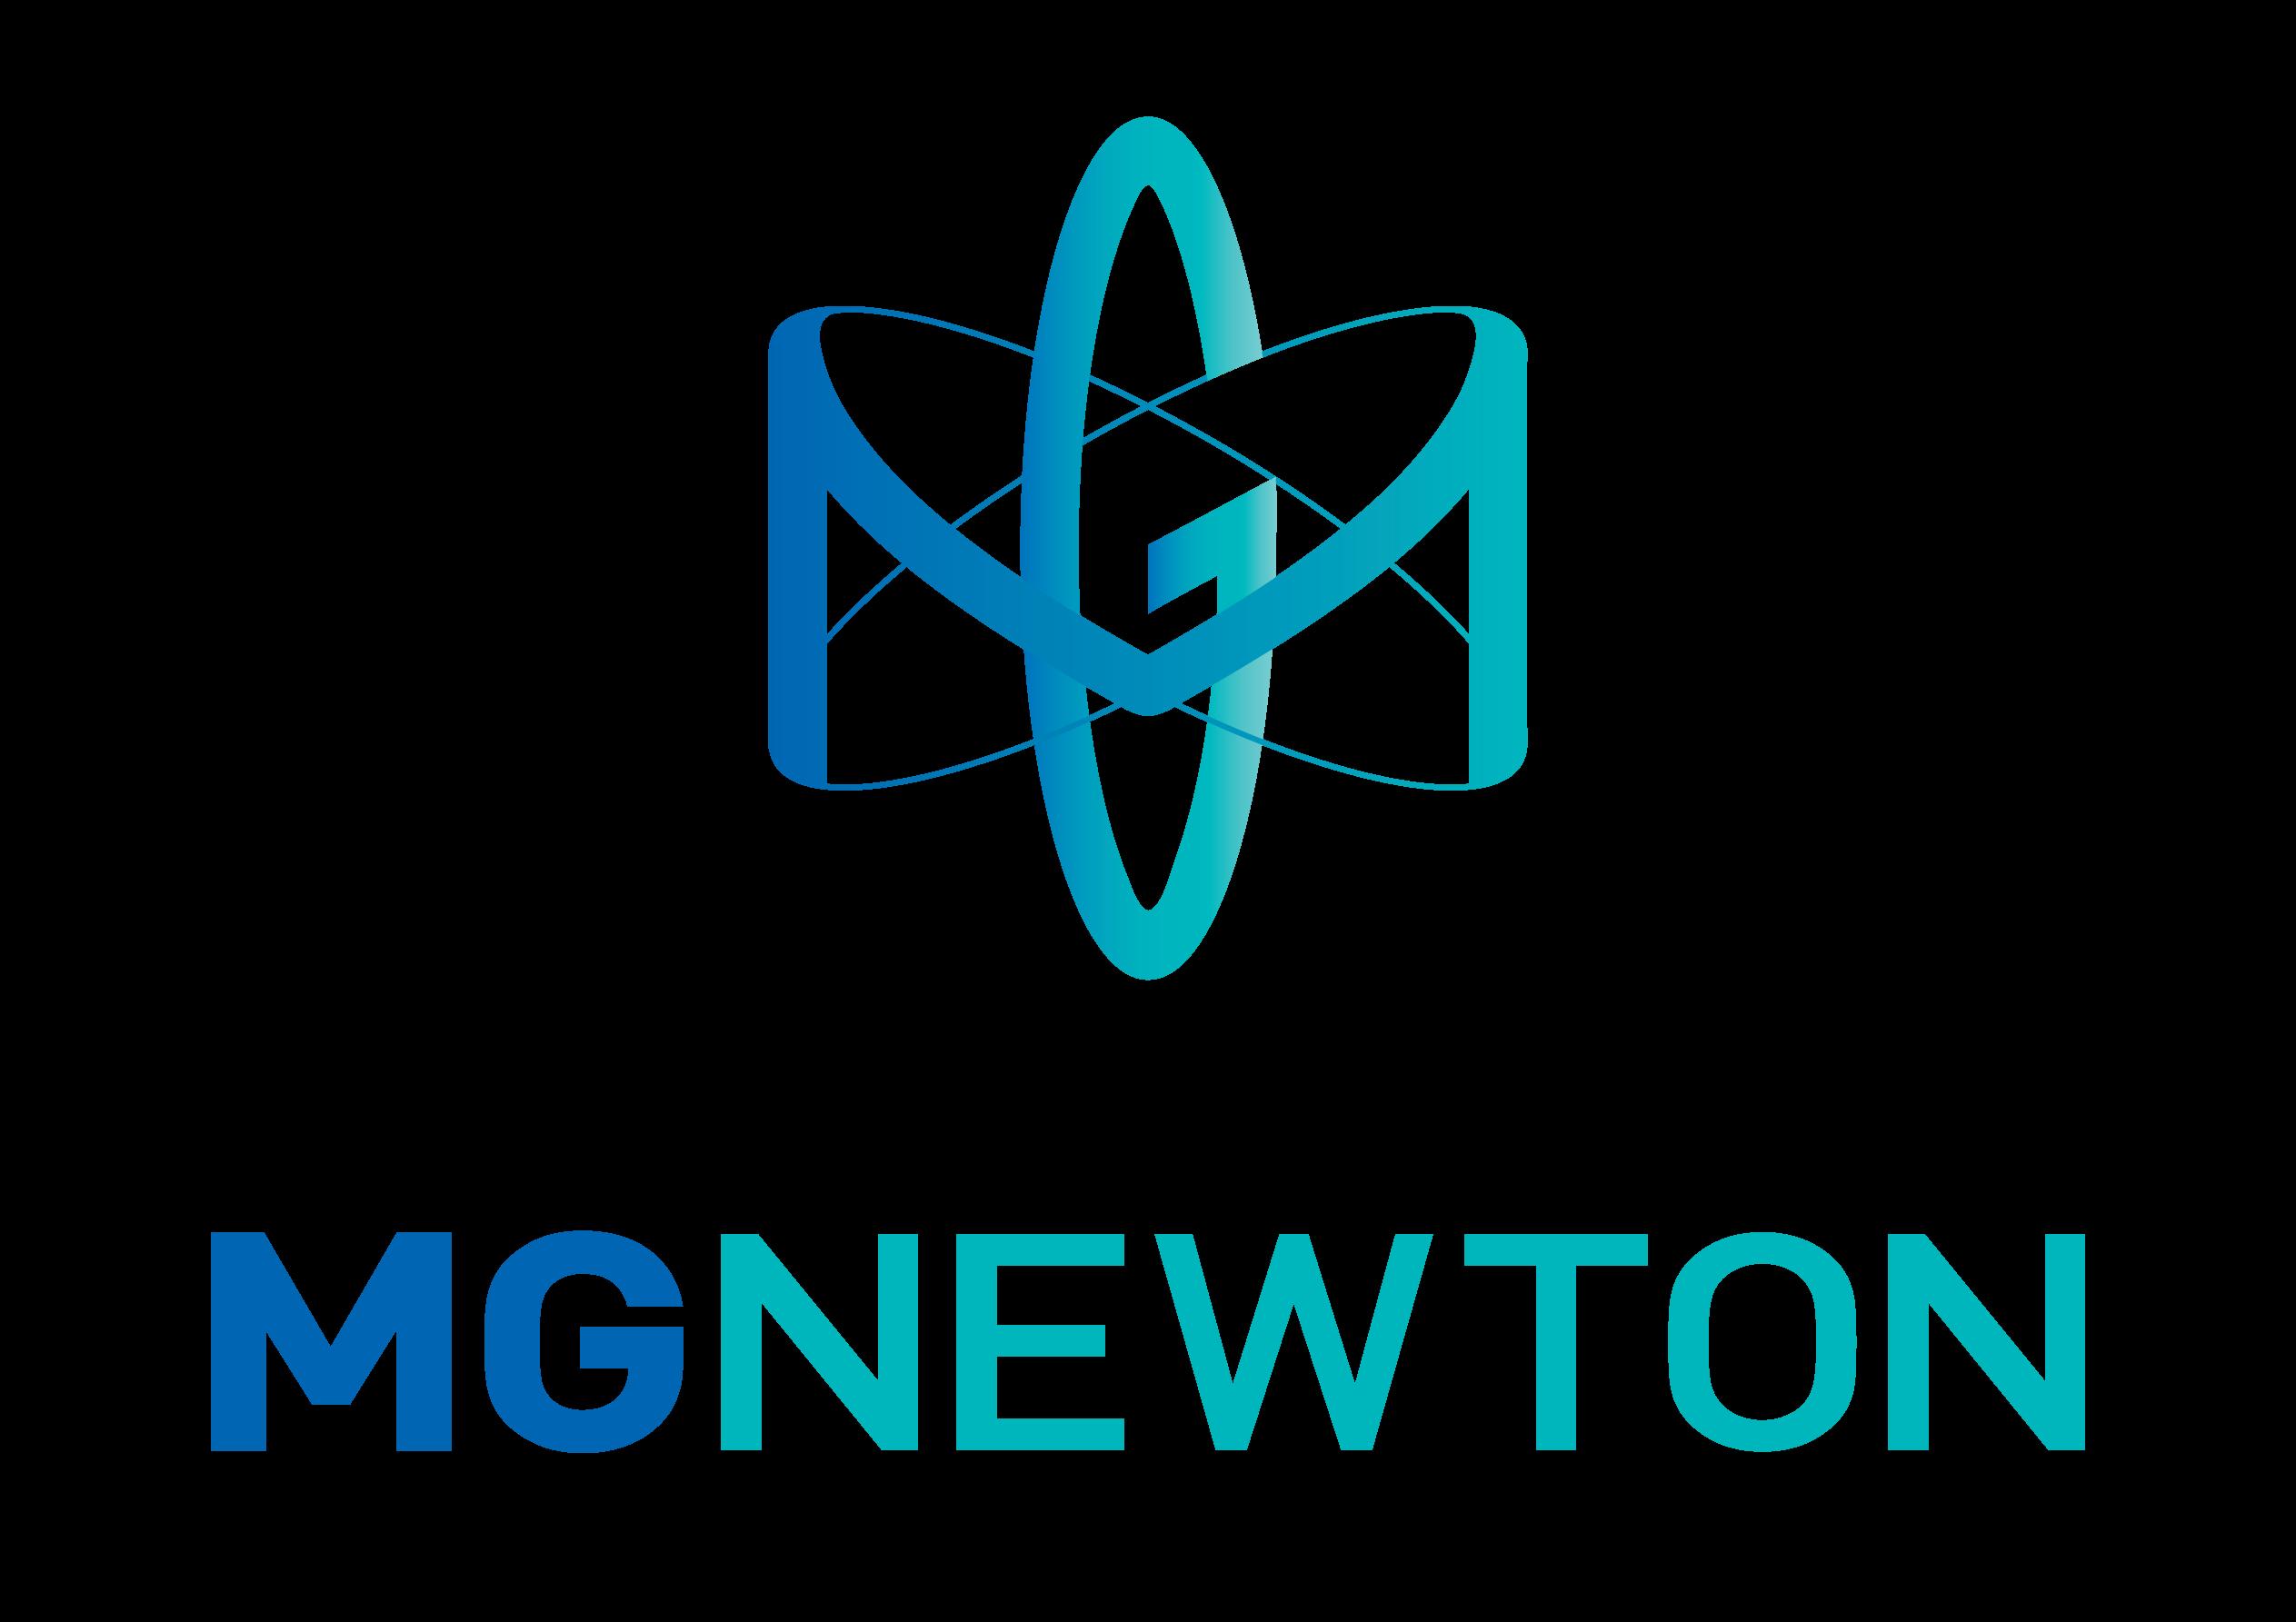 메가젠임플란트의 계열사 (주)엠지뉴턴의 로고